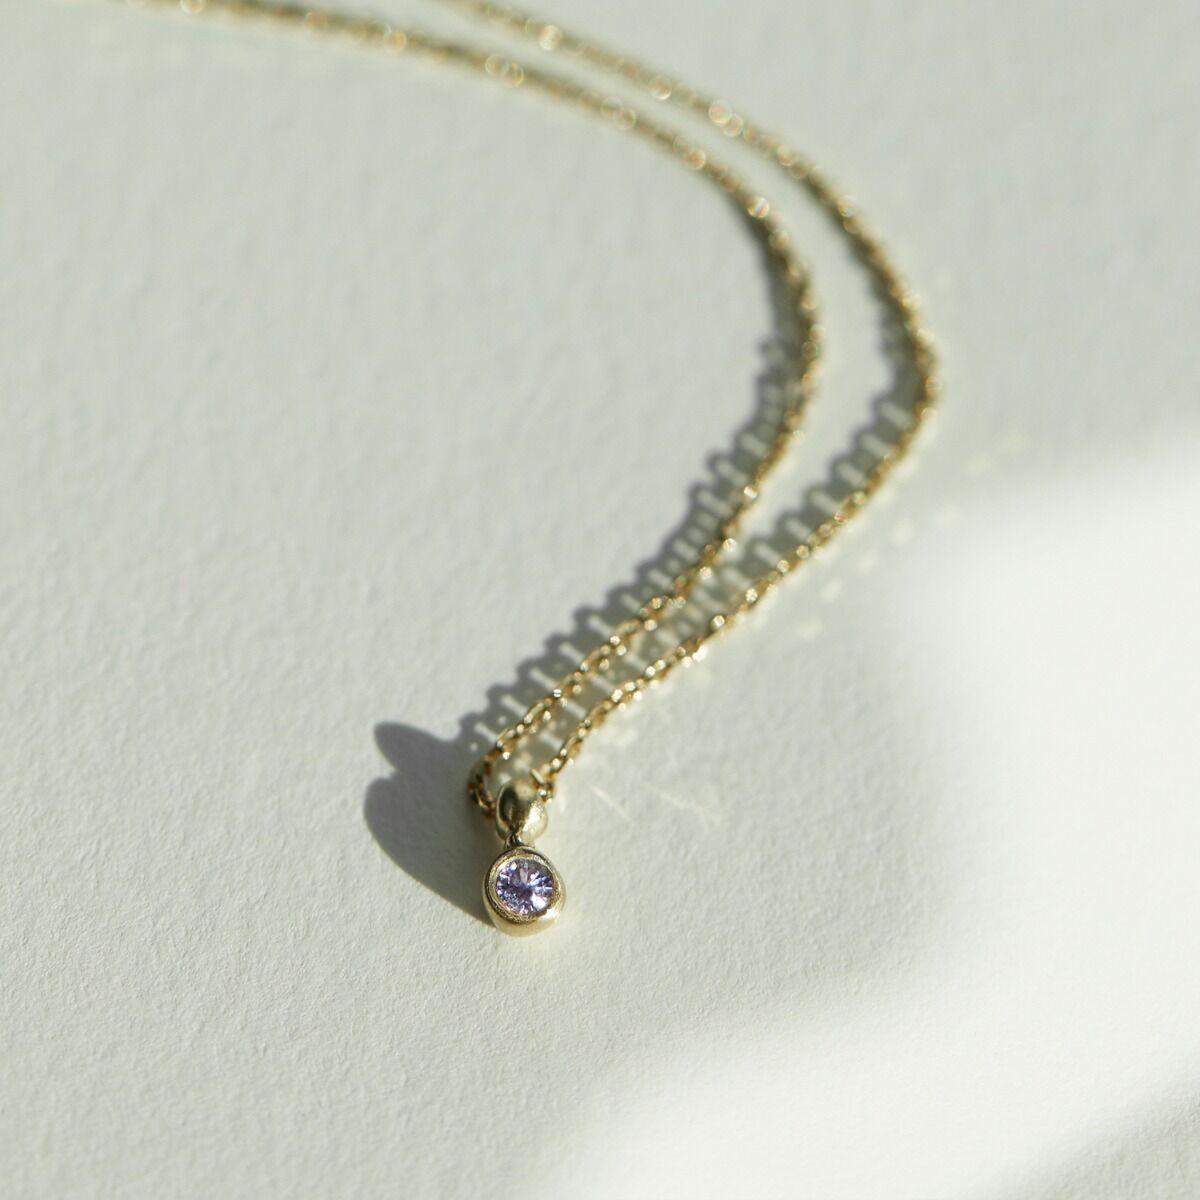 Lavender Spark Necklace image